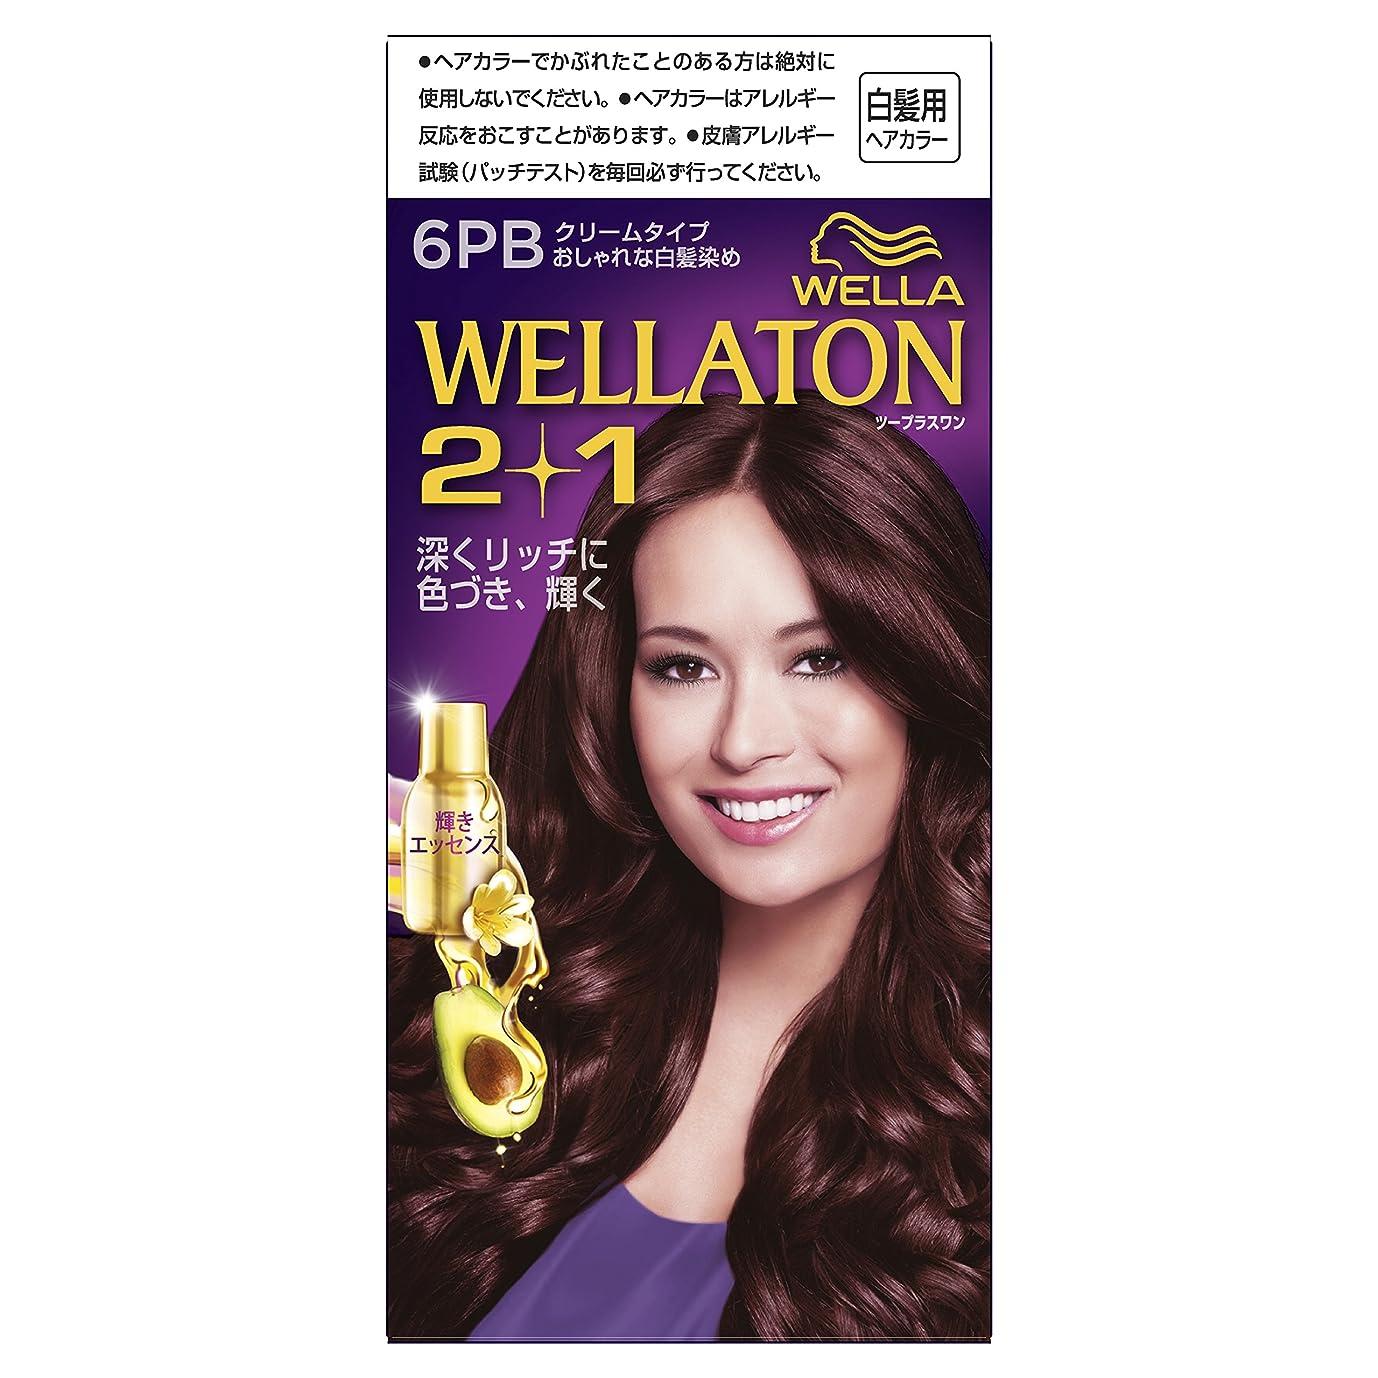 姪妊娠した暖炉ウエラトーン2+1 クリームタイプ 6PB [医薬部外品](おしゃれな白髪染め)